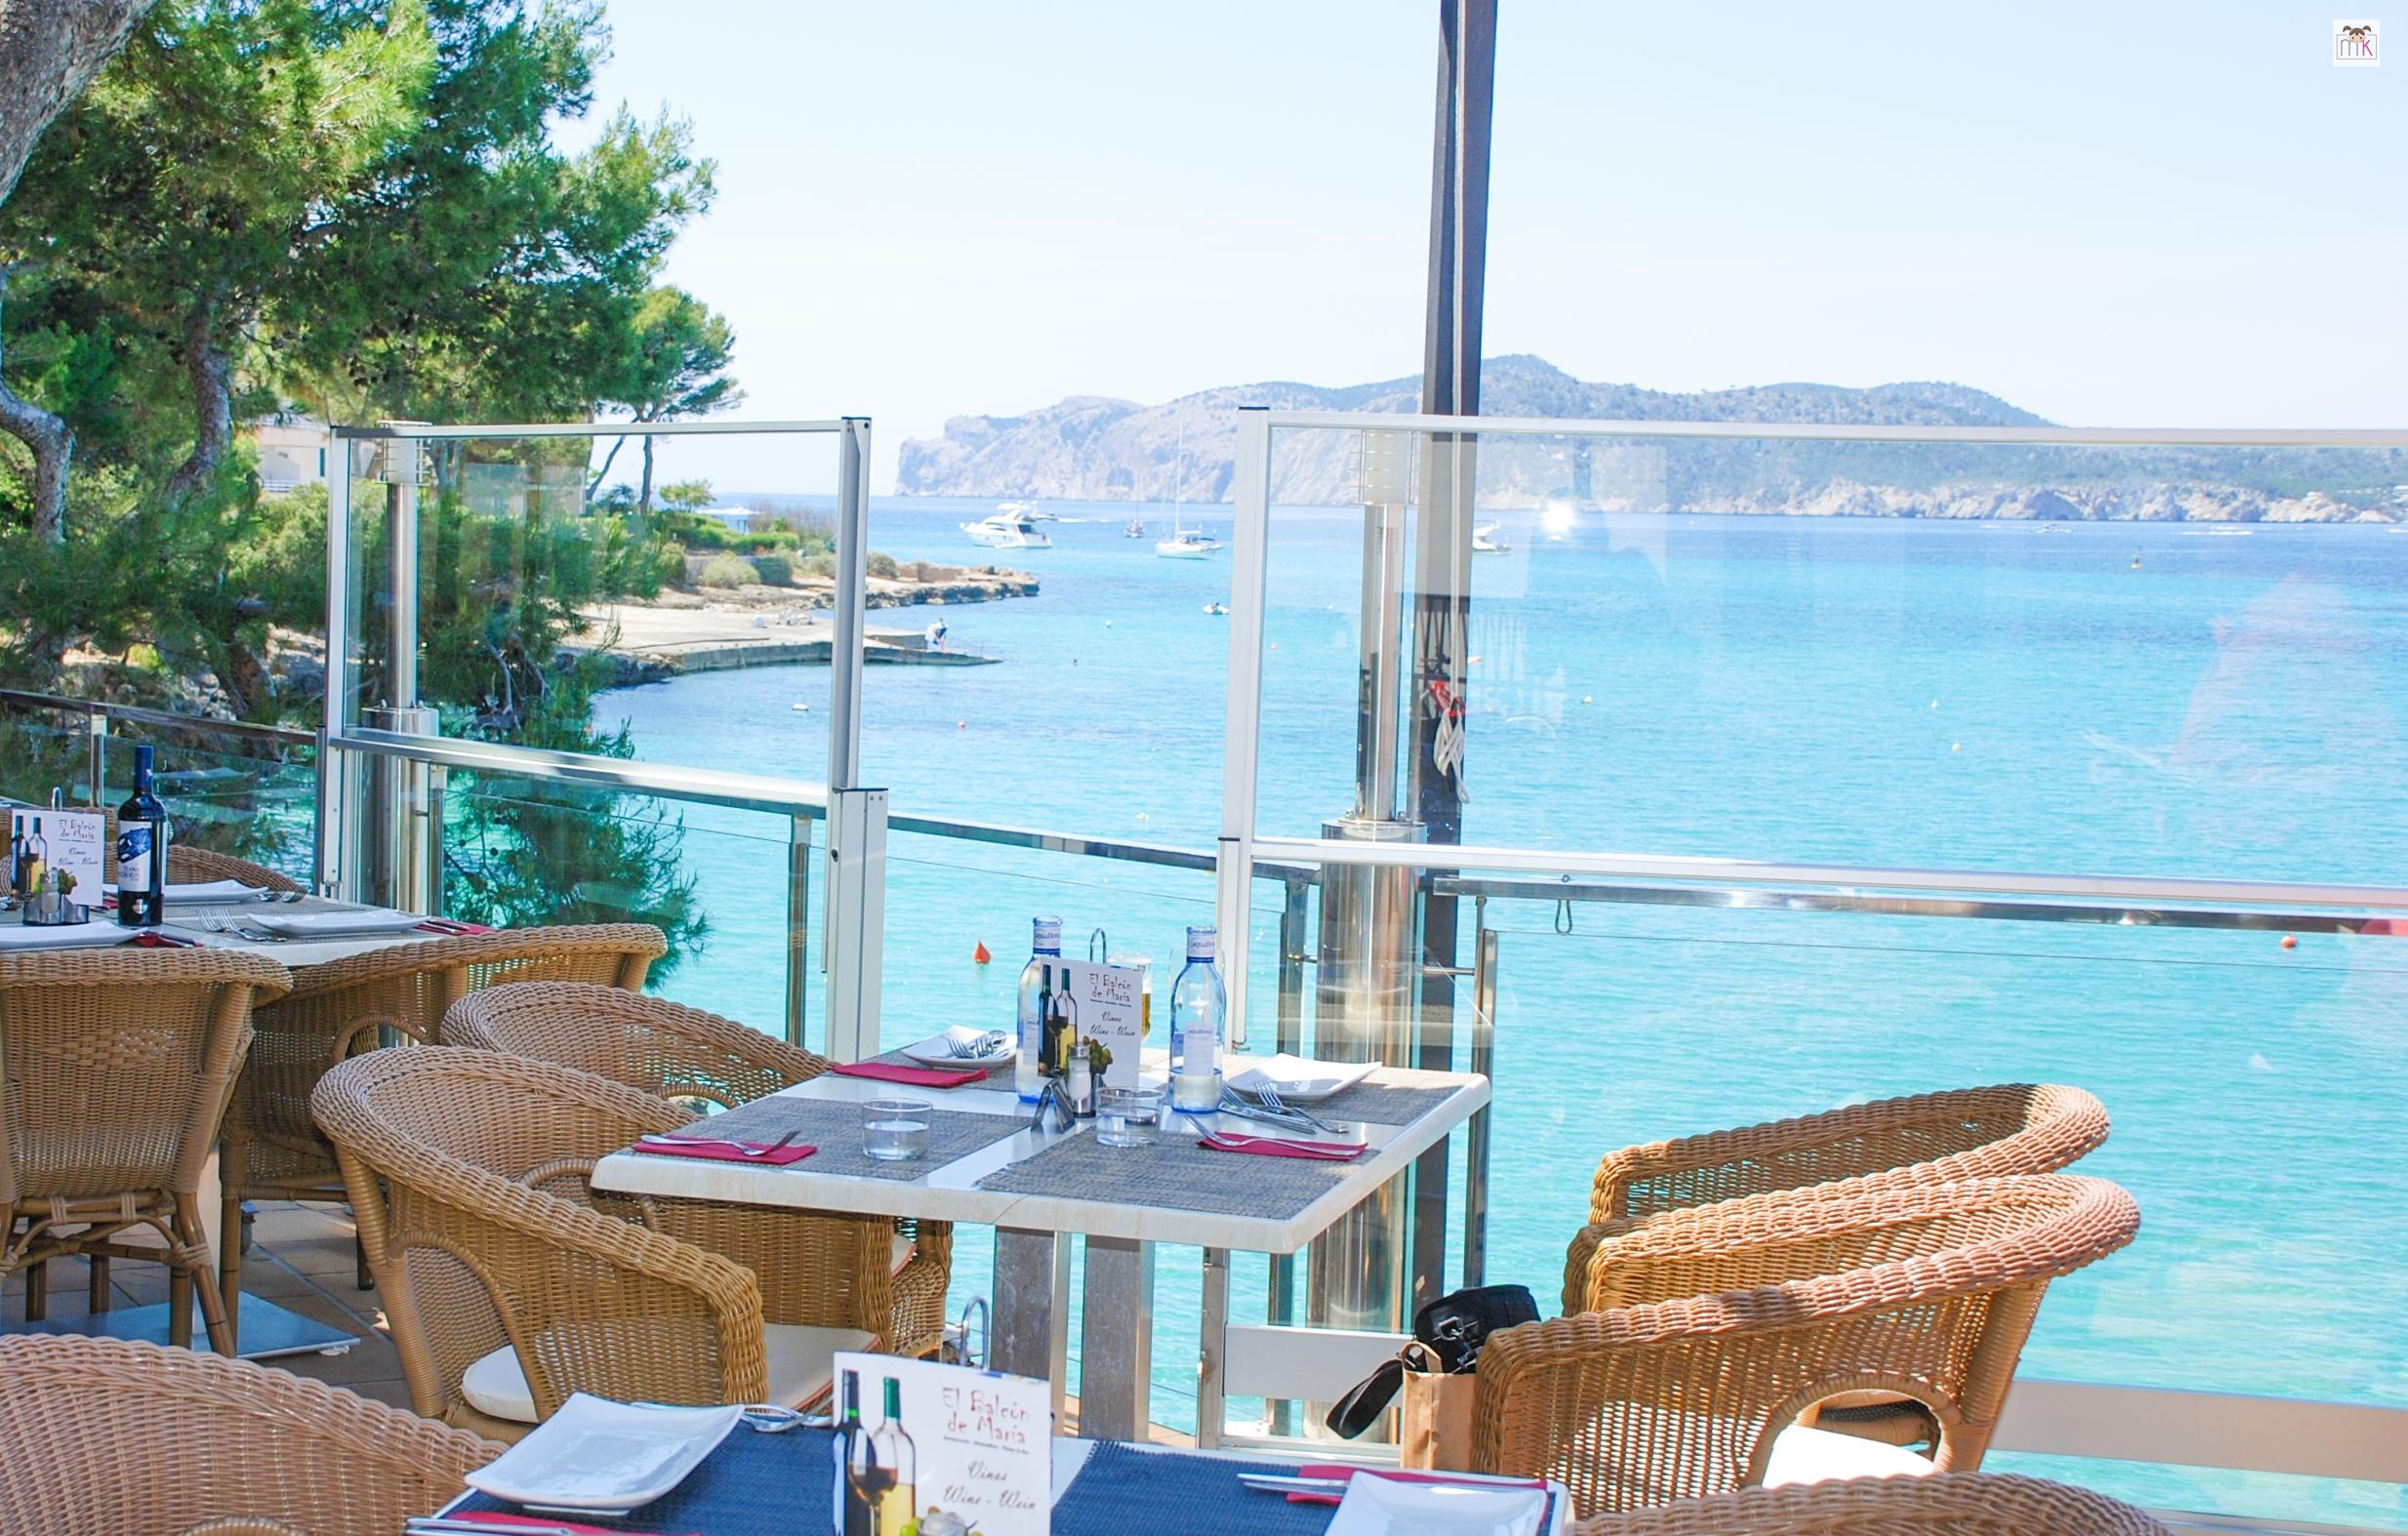 El balc n de mar a un restaurante con aires de verano for What is balcon